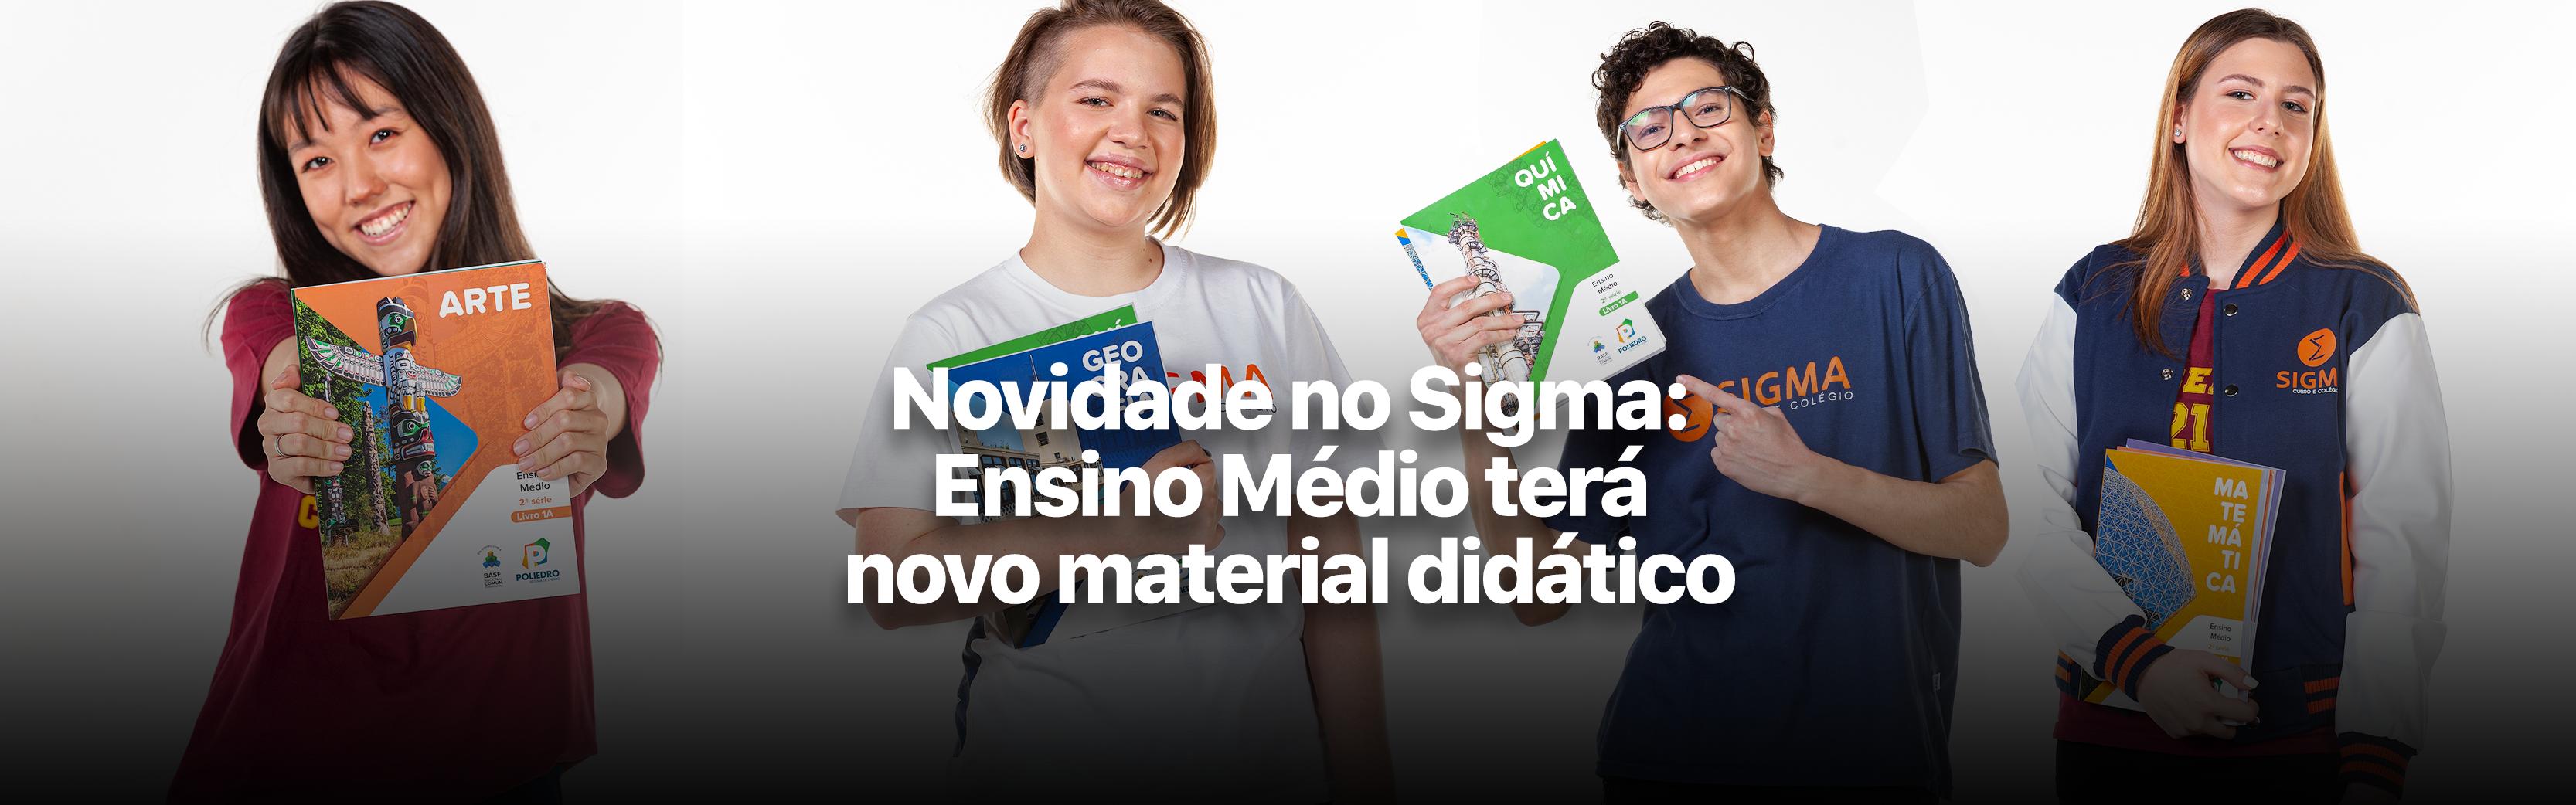 Novo Ensino Médio: Colégio Sigma adota o material didático do Poliedro